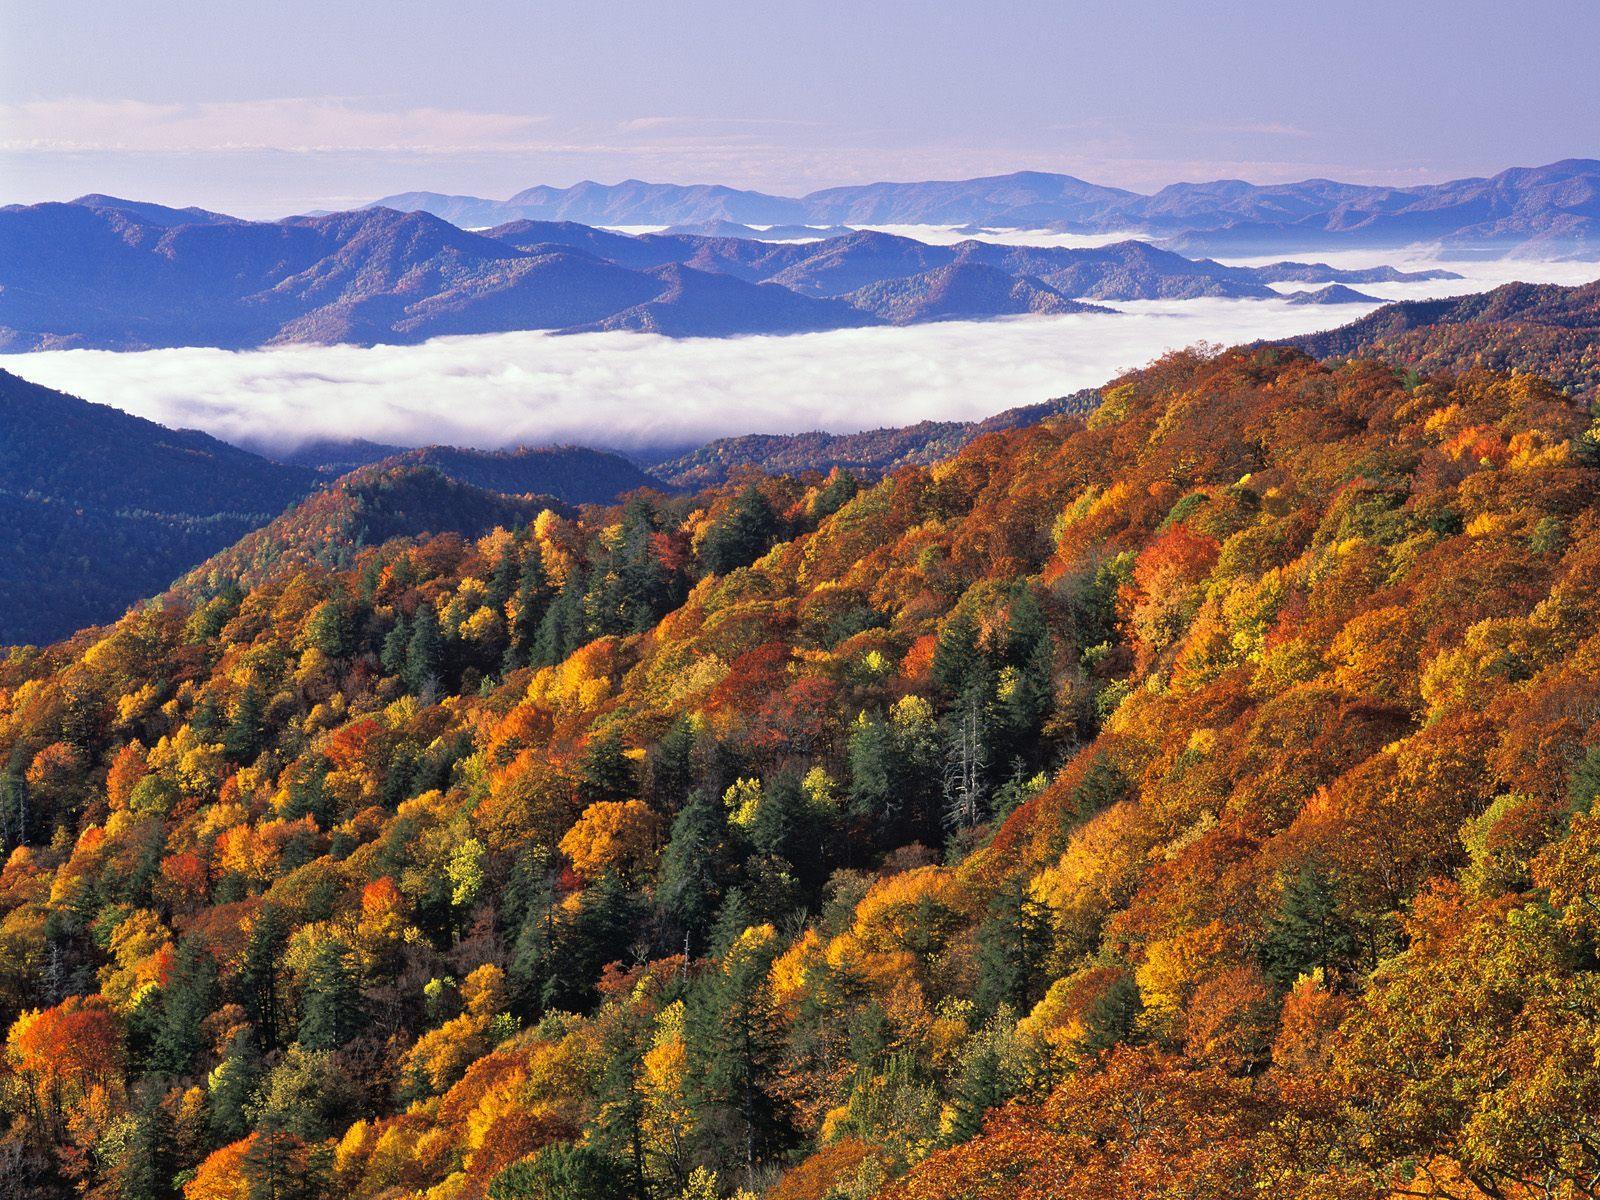 Smoky mountain autumn pictures